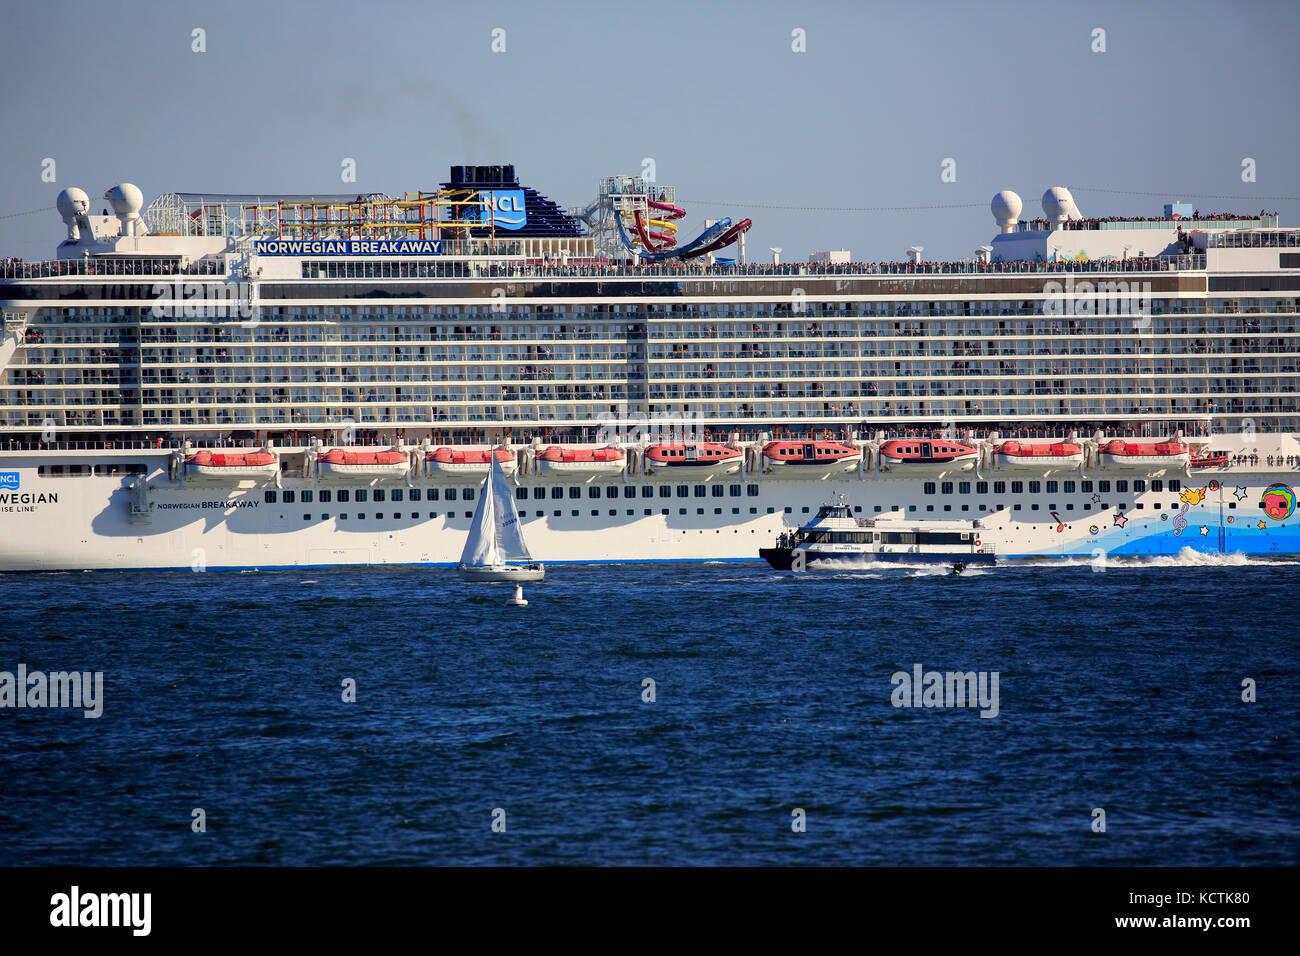 Norwegian breakaway in nave da crociera sul fiume Hudson con barca a vela in primo piano.new york city.usa Immagini Stock